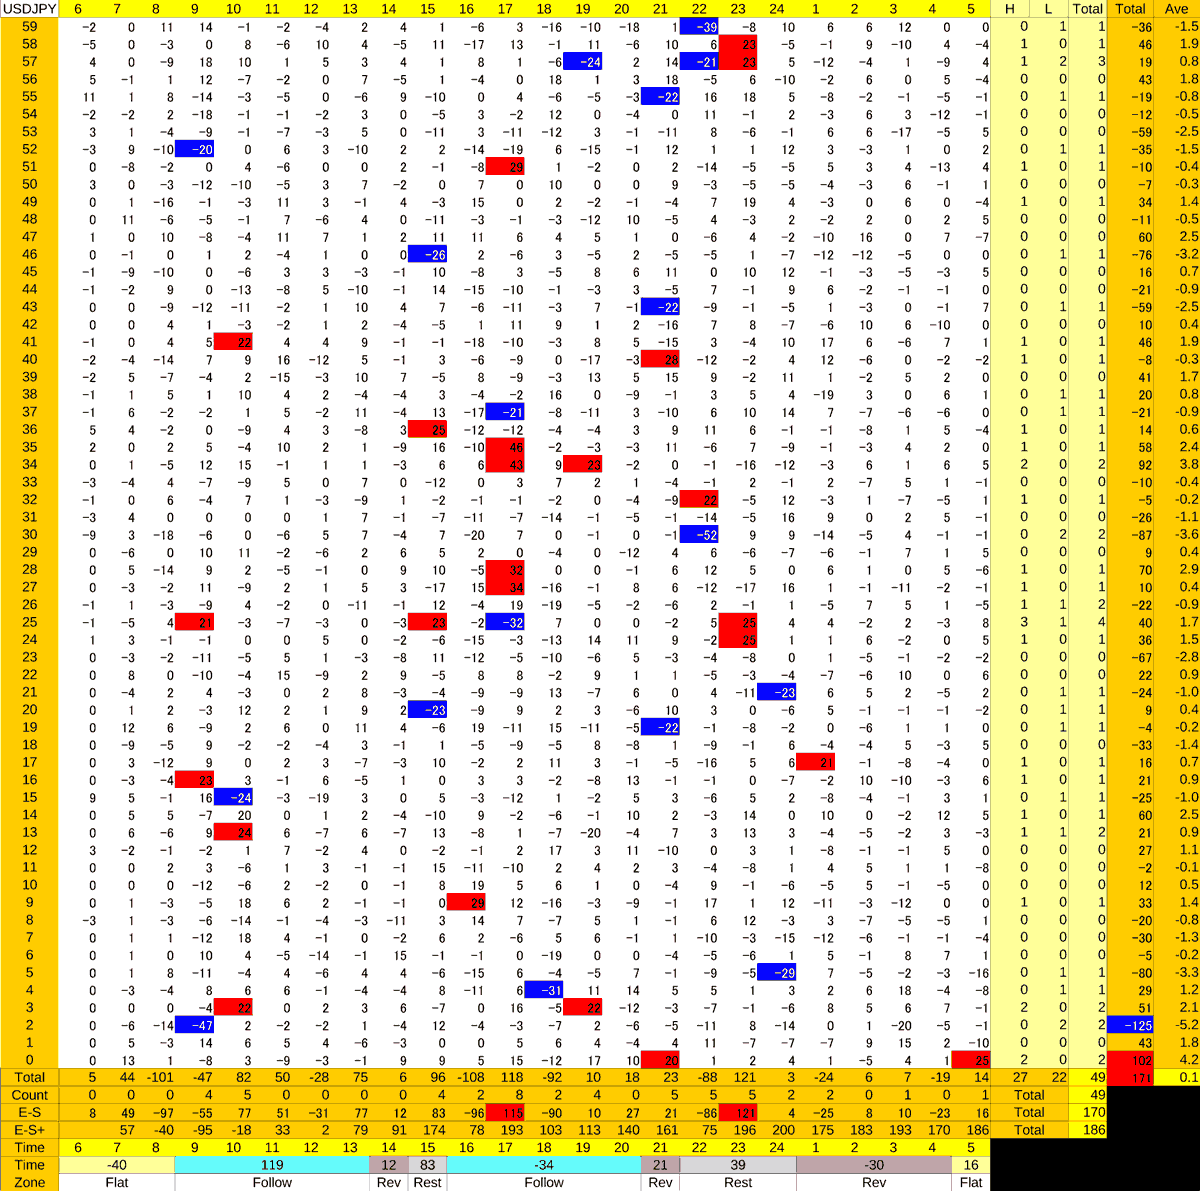 20200929_HS(1)USDJPY